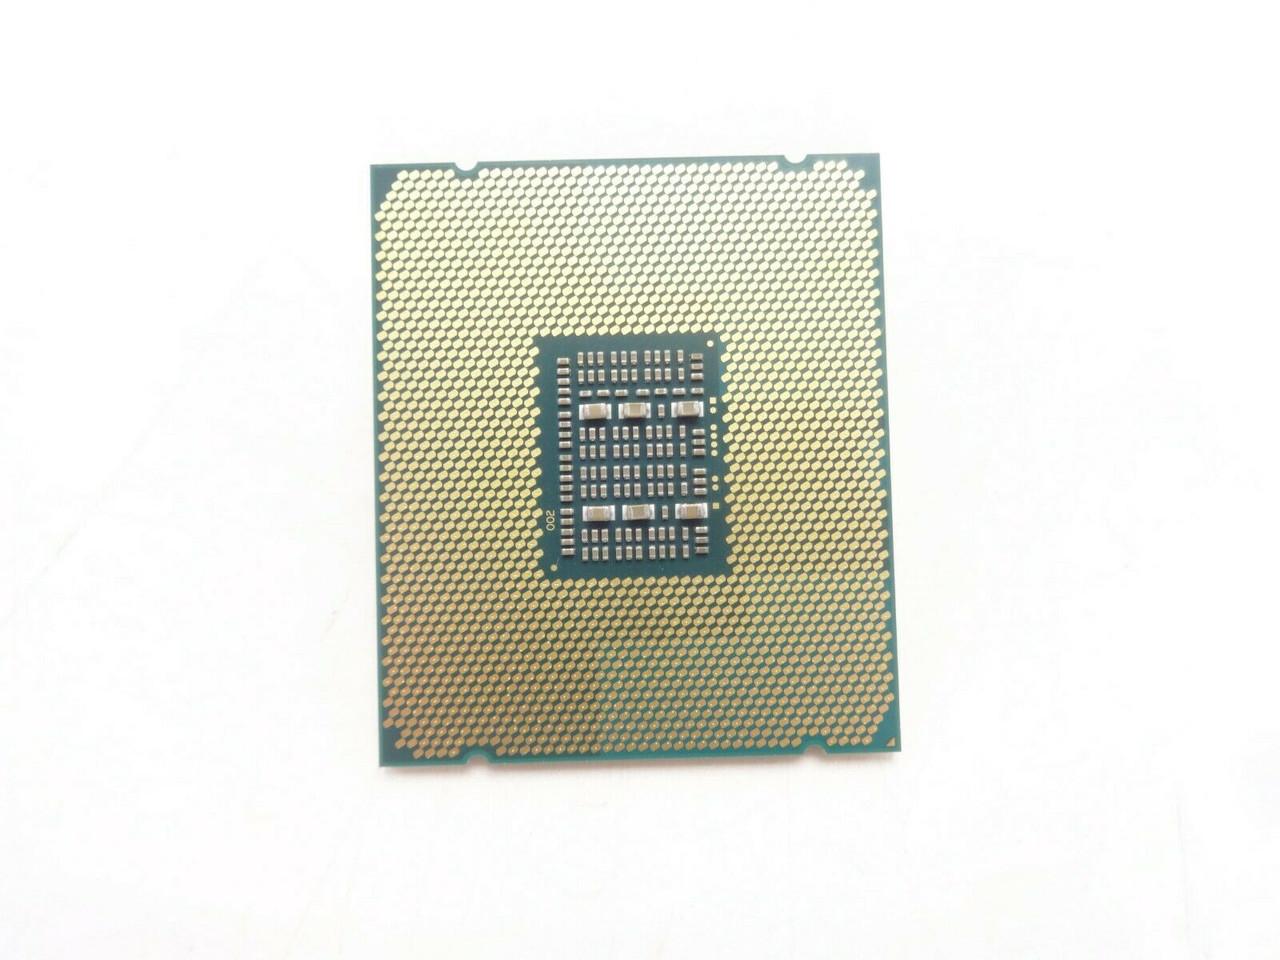 Intel SR1F3 12 Core 2.3GHz E7-2850V2 Processor